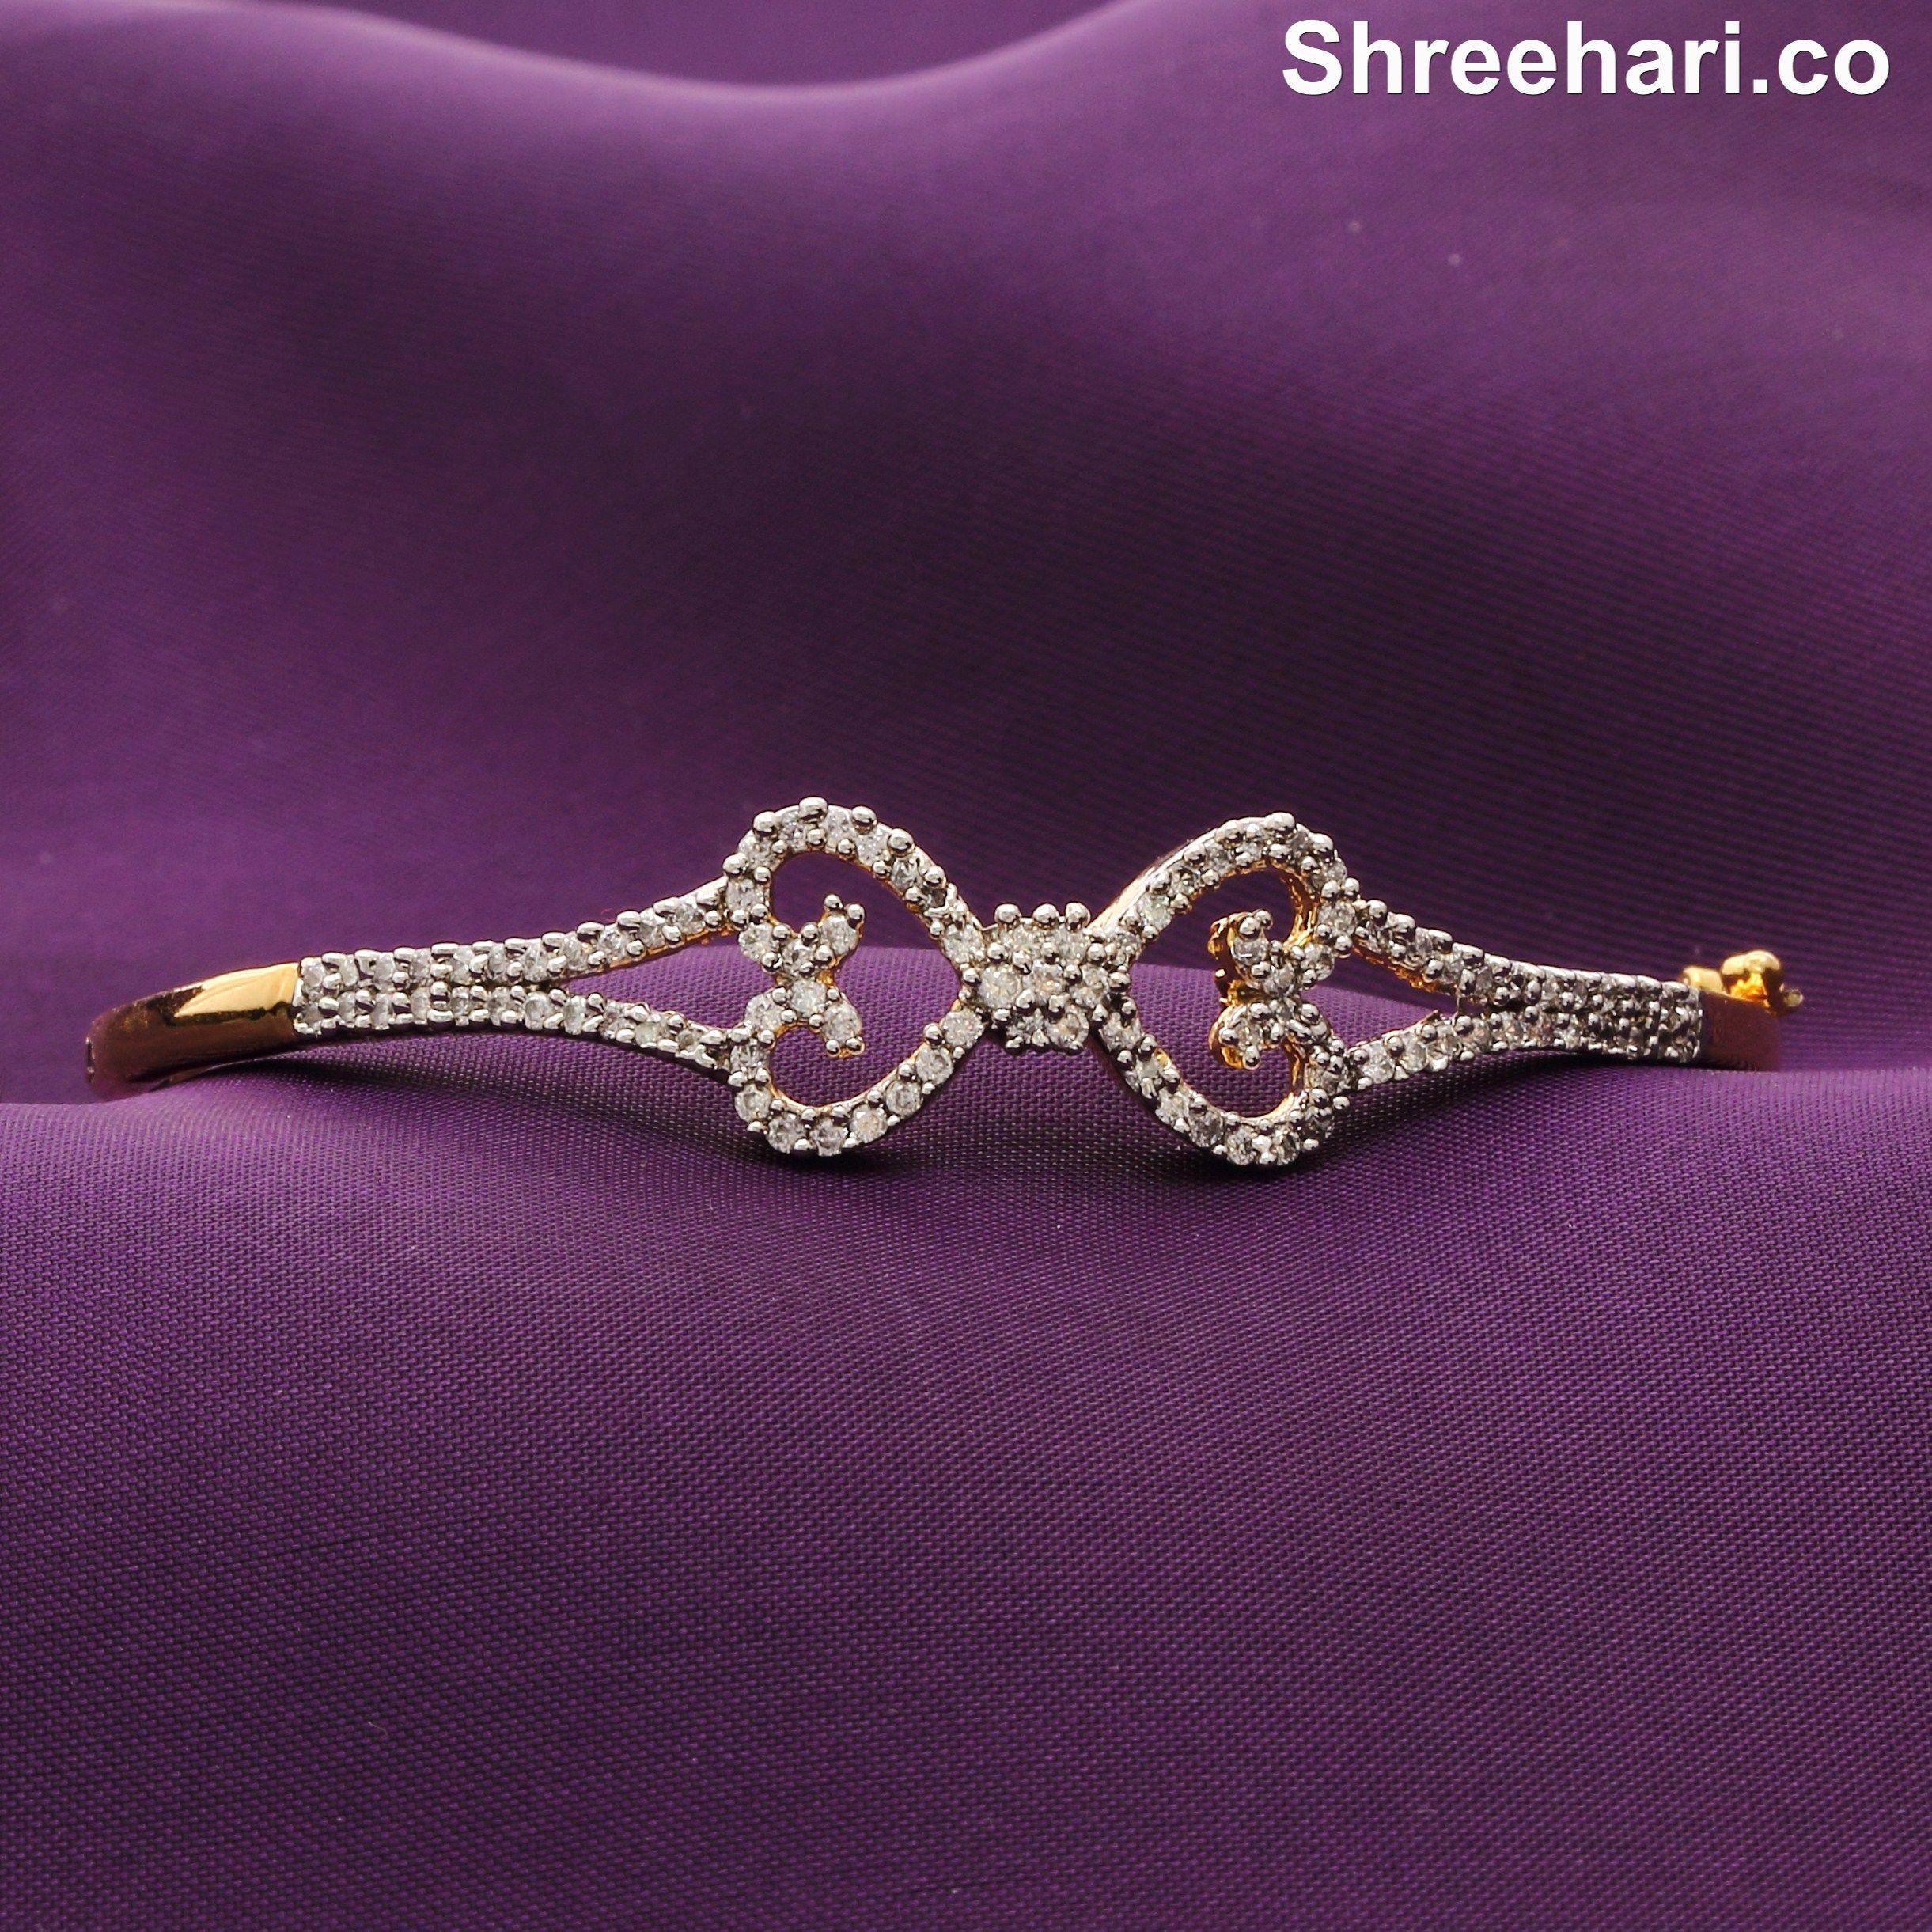 http://www.shreehari.co/ jewellery for INR 1,130.00 http://bit.ly/1I6YNJu